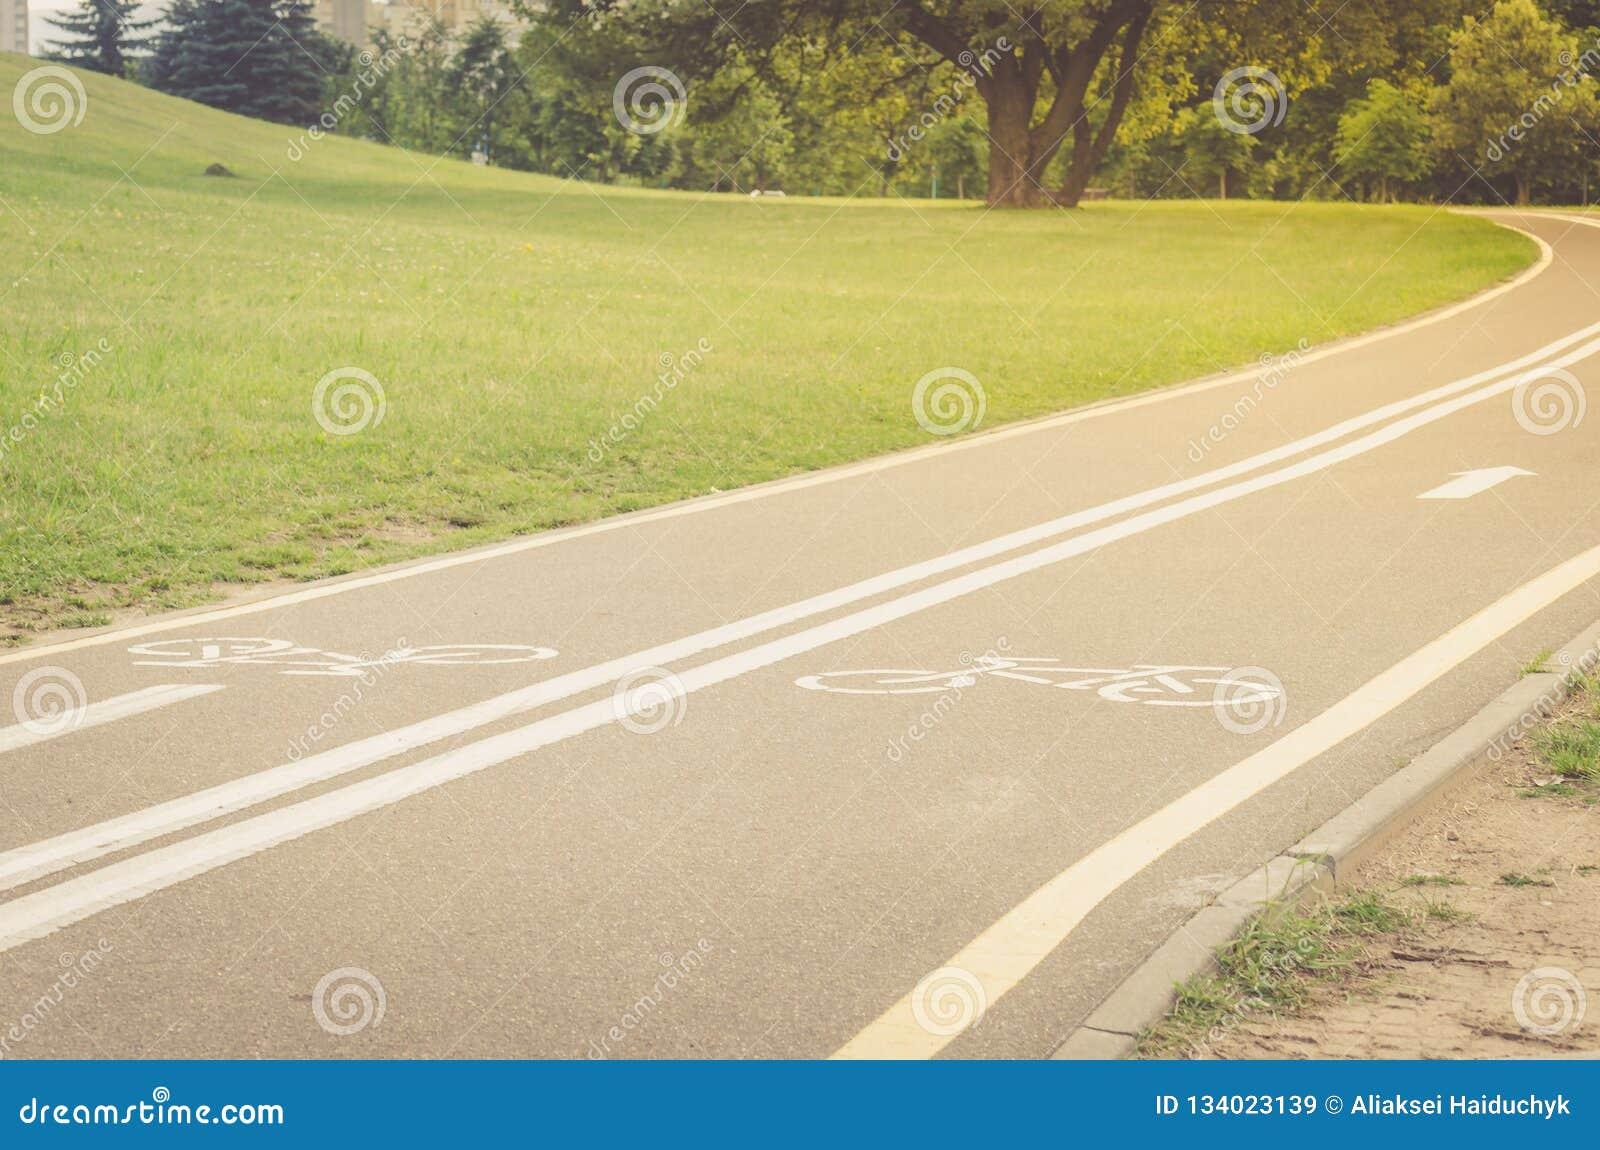 Ασφαλτωμένη διαδρομή ποδηλάτων στο πάρκο/ασφαλτωμένη διαδρομή ποδηλάτων στο τ